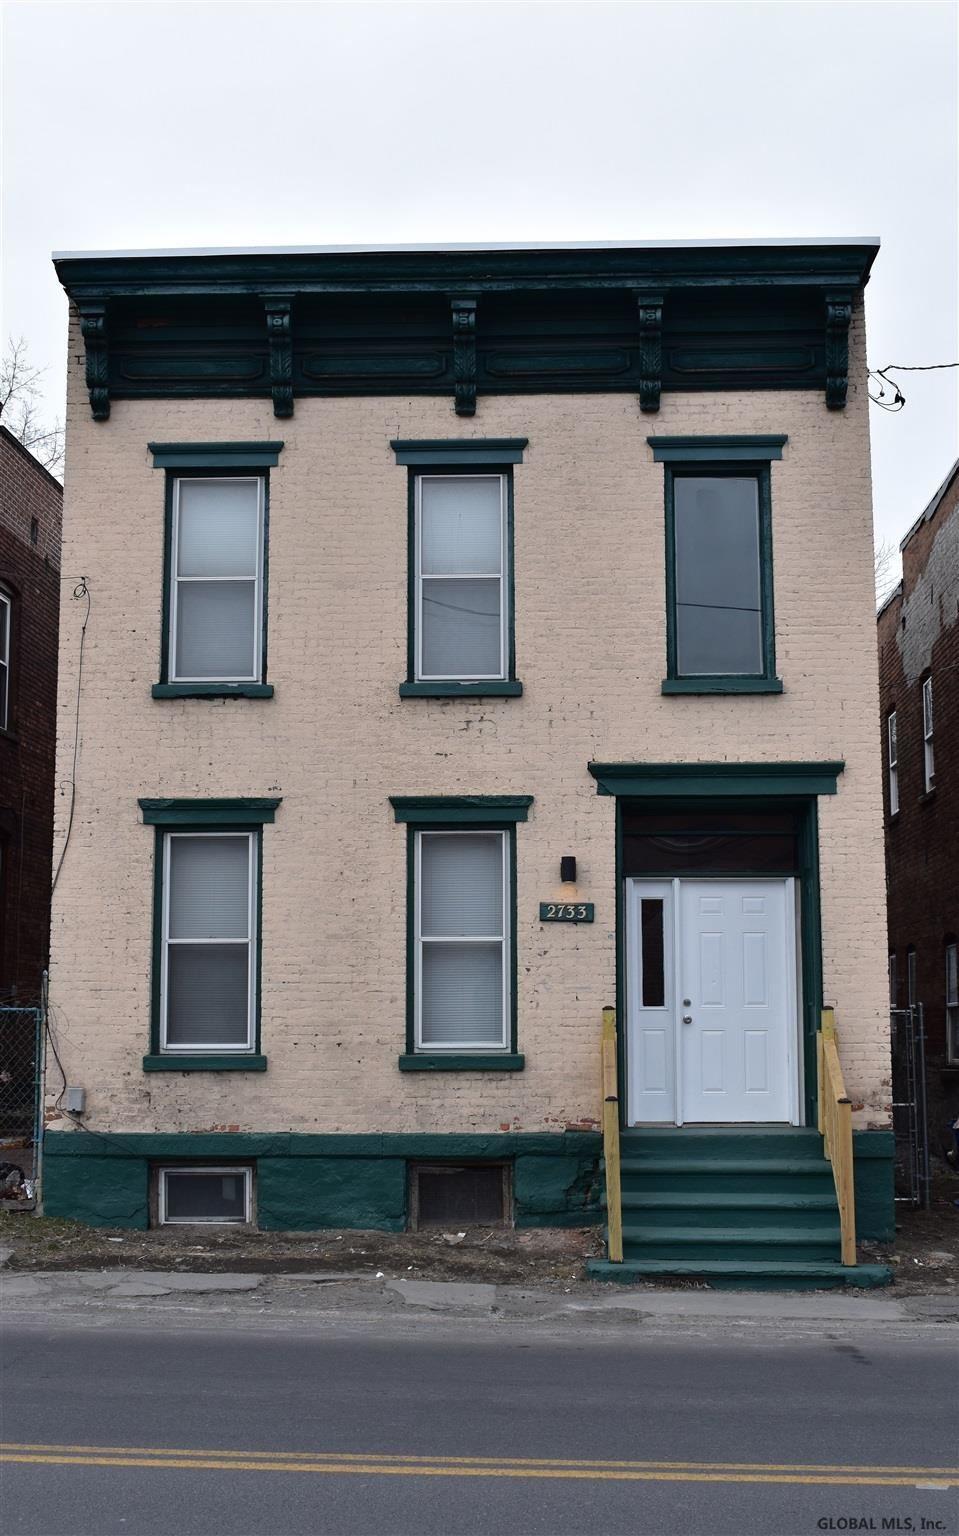 2733 6TH AV, Troy, NY 12180 - #: 202114032